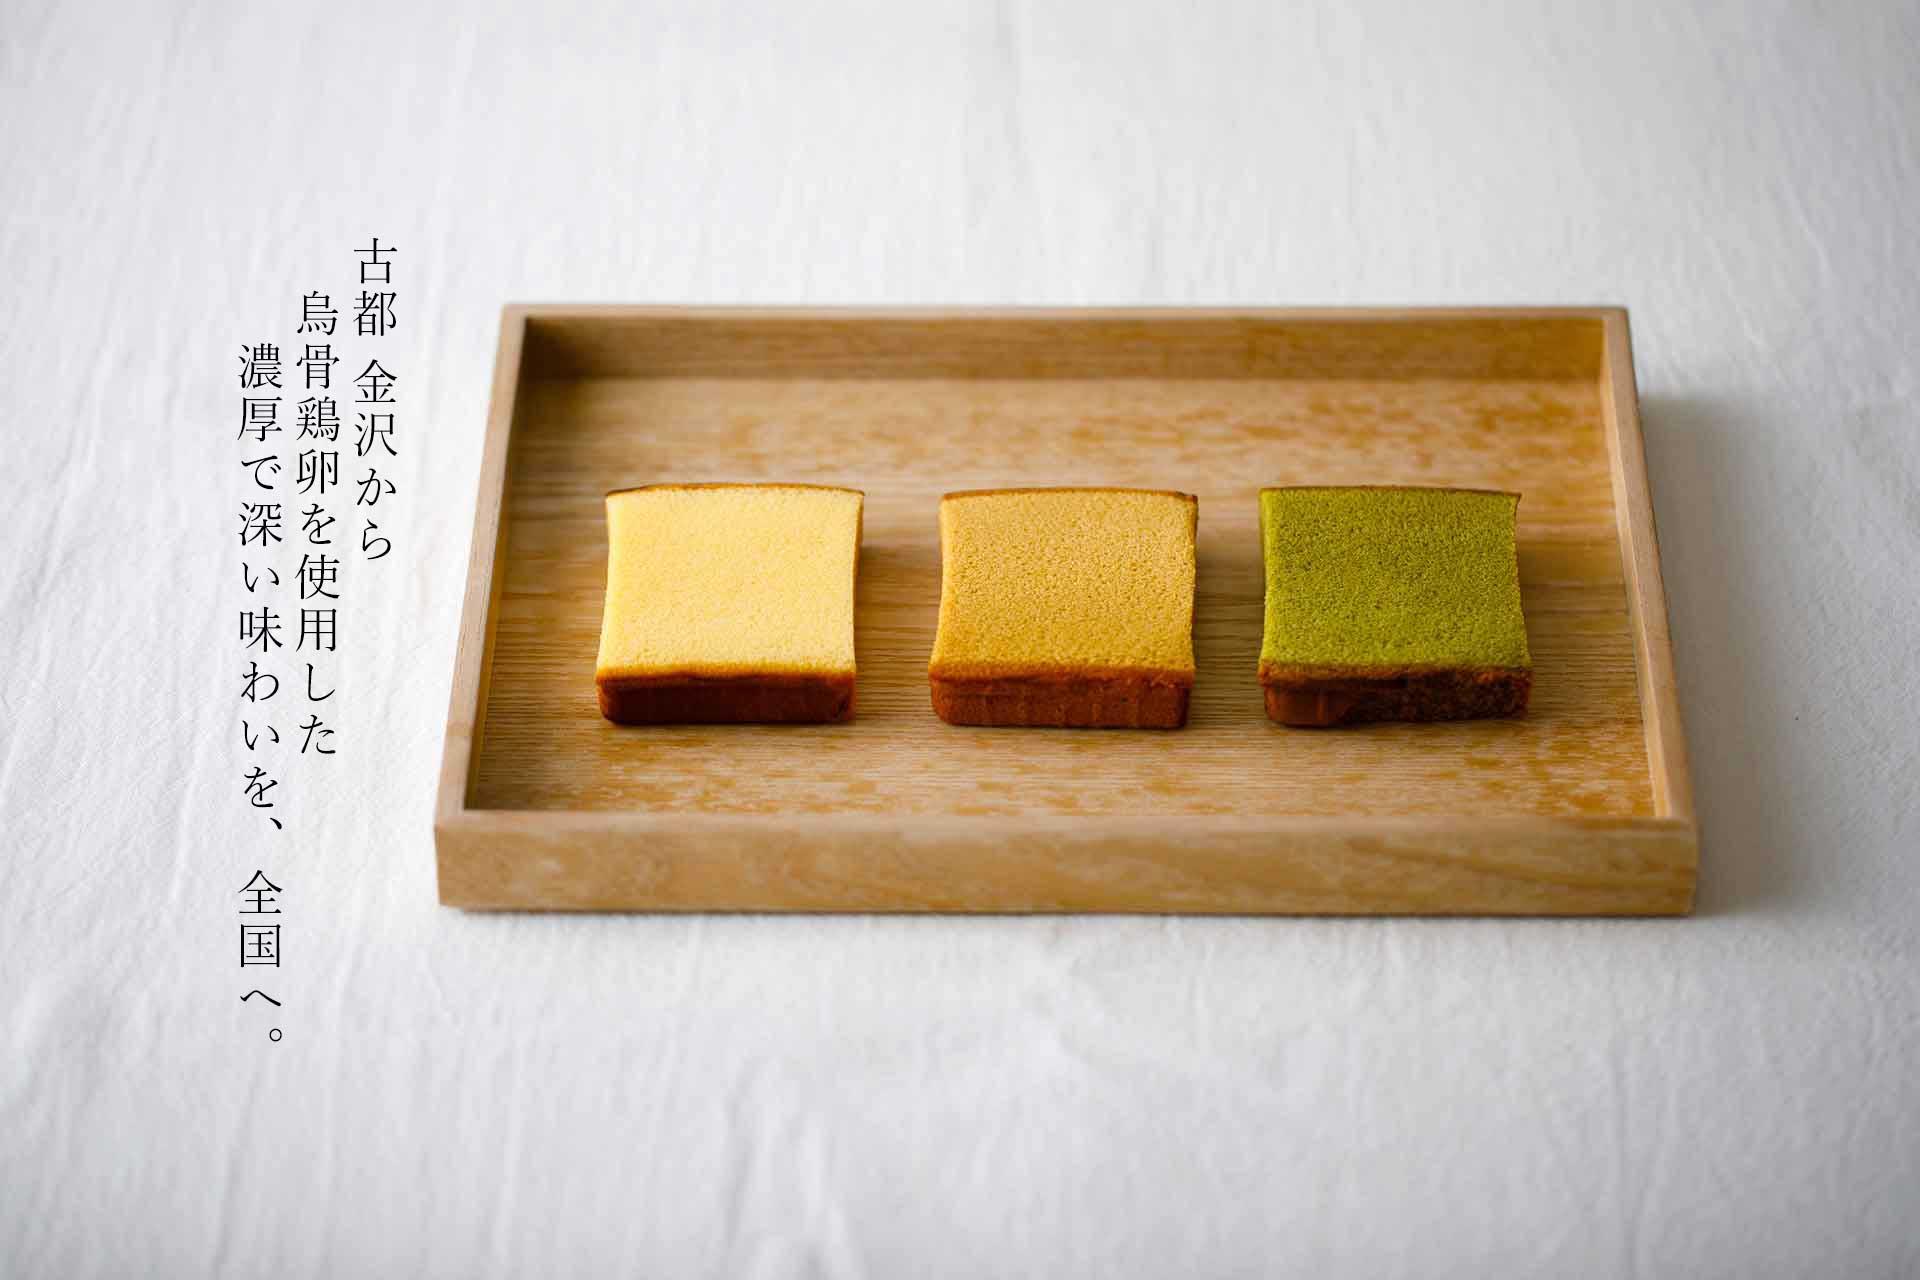 古都 金沢から烏骨鶏卵を使用した濃厚で深い味わいを、全国へ